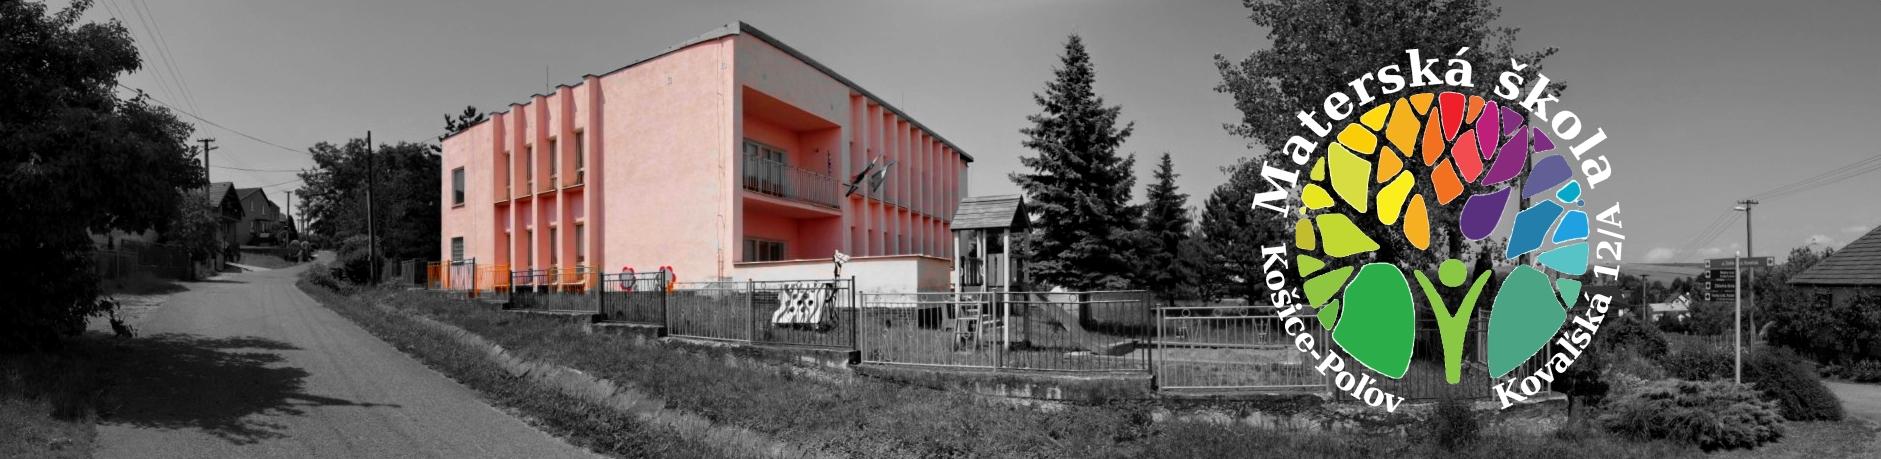 Materská škola :: Kovaľská 12 :: Košice – Poľov